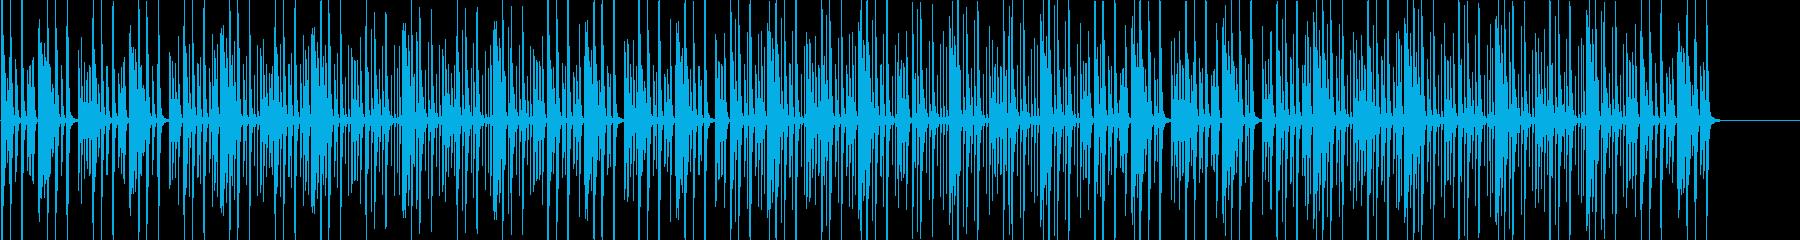 YouTube ピアノ・日常・料理の再生済みの波形